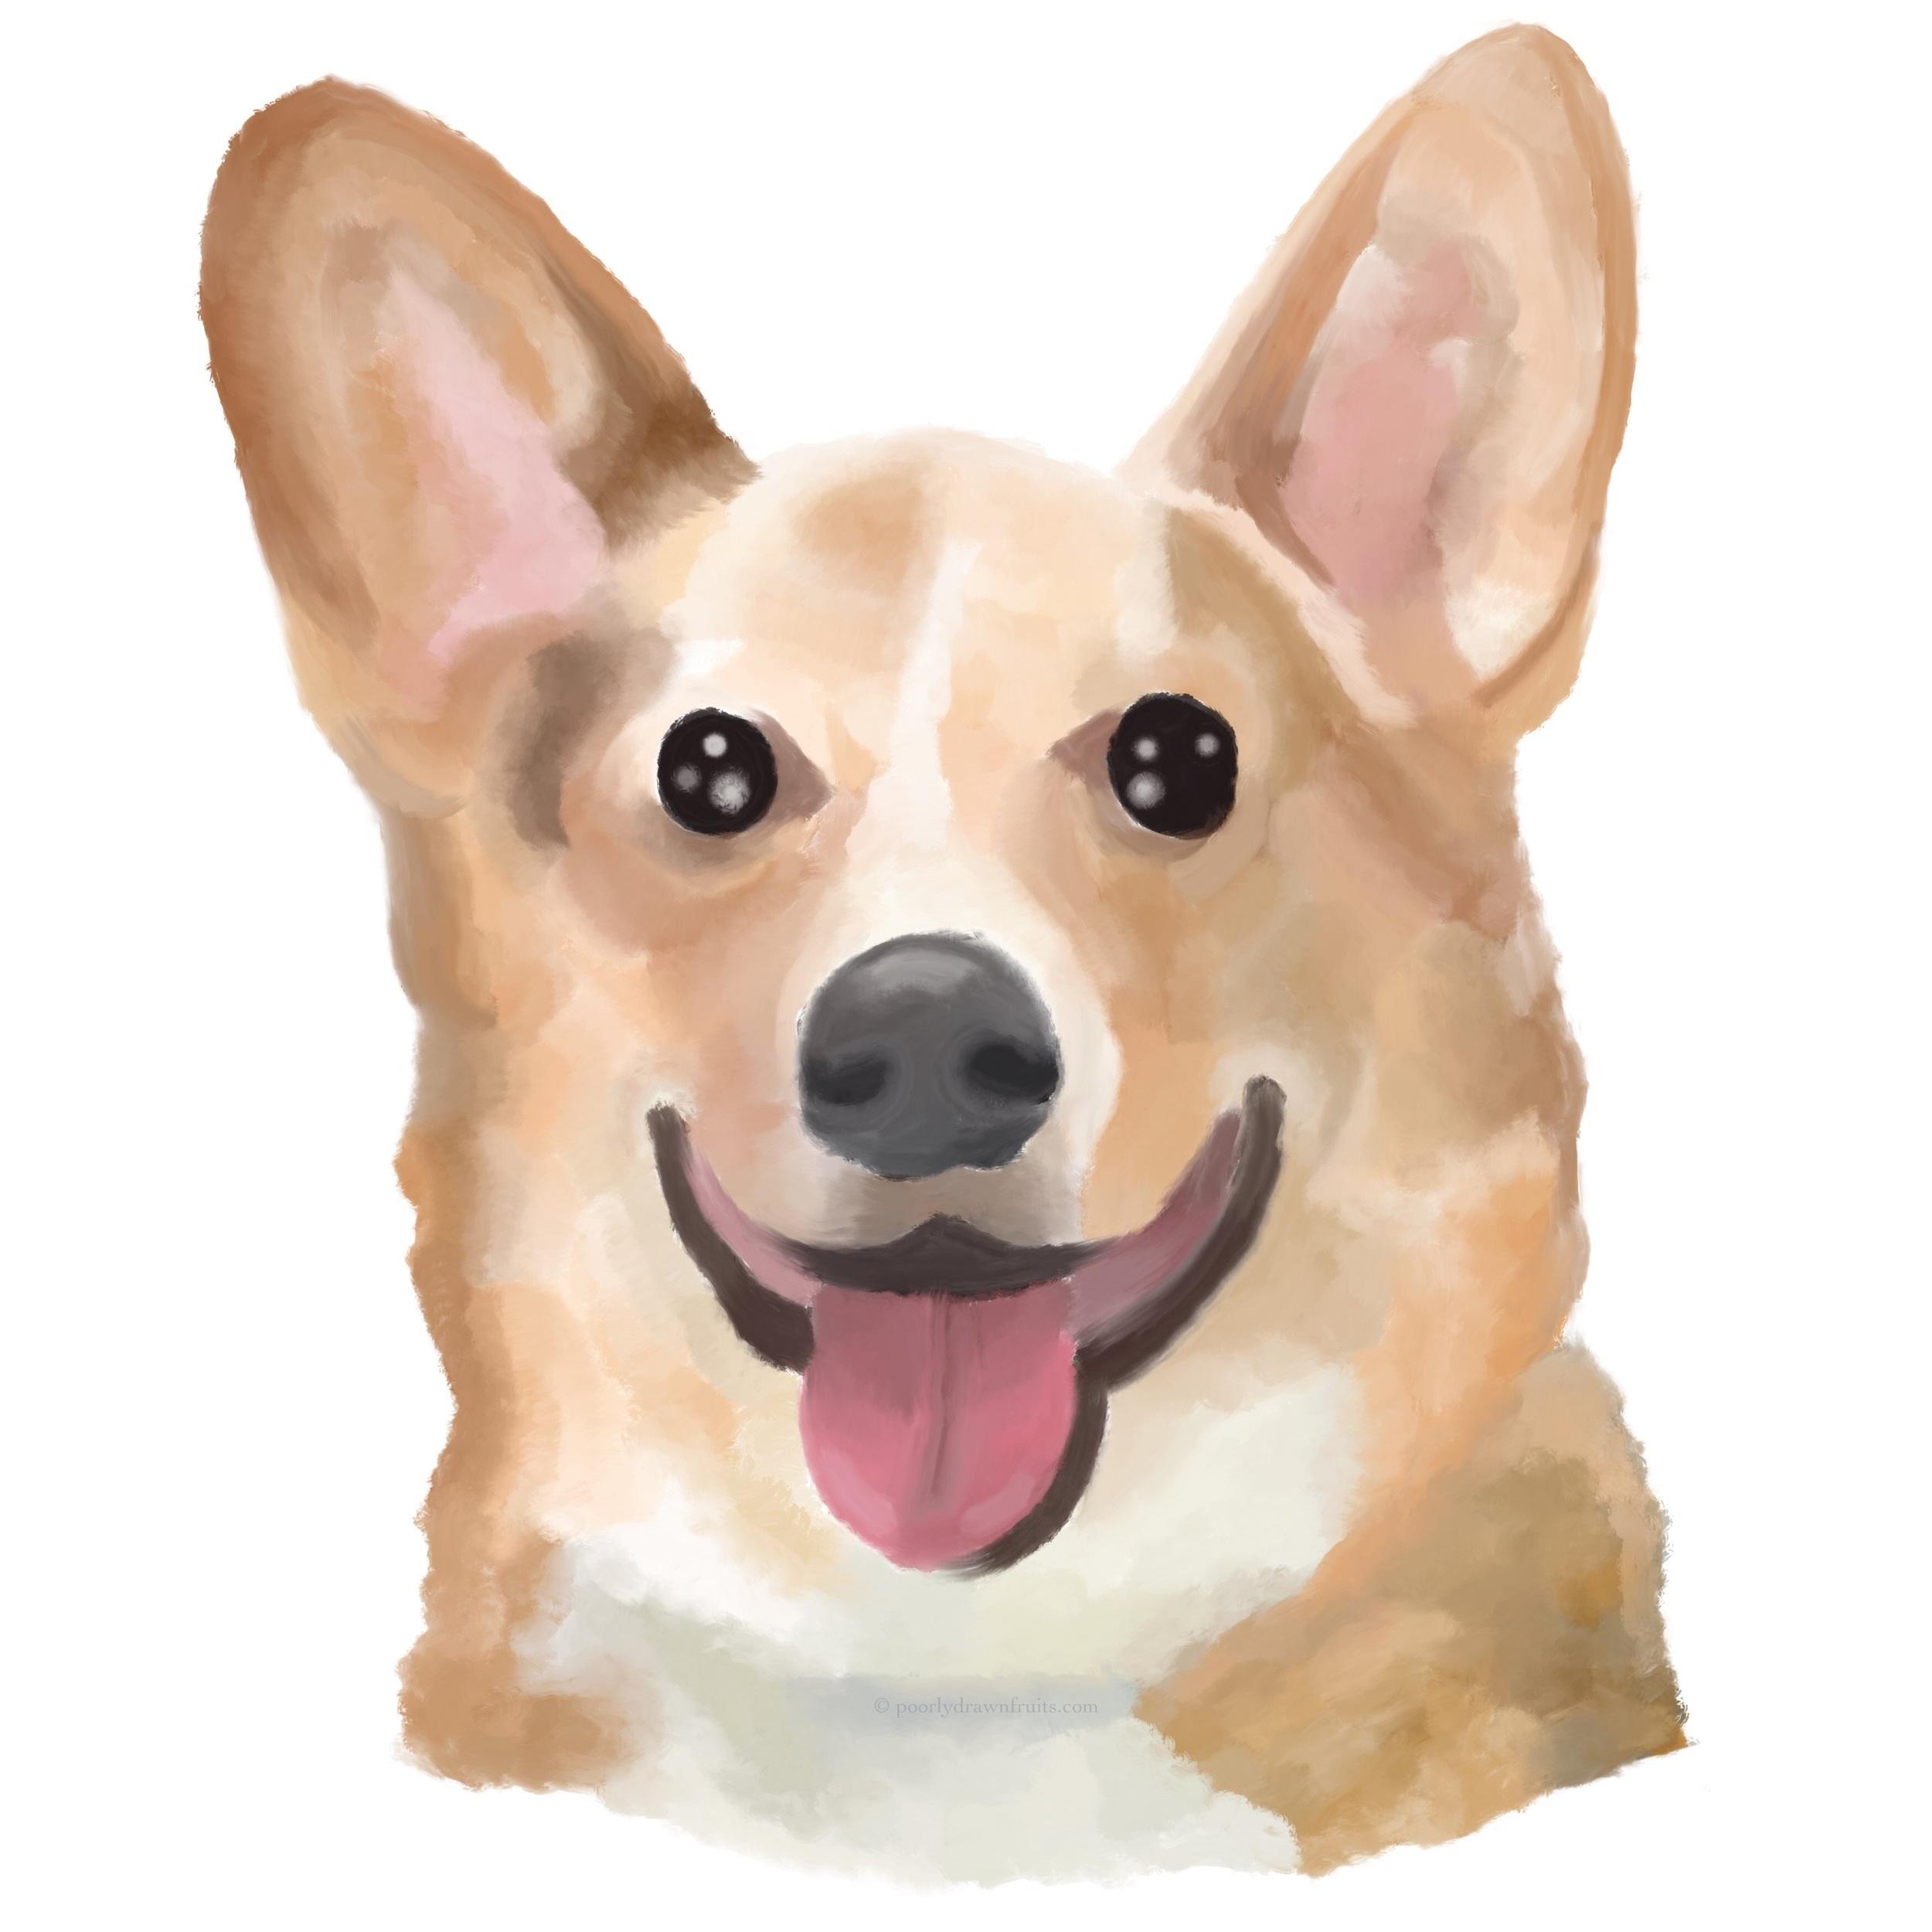 Pet Portraits - Read More…